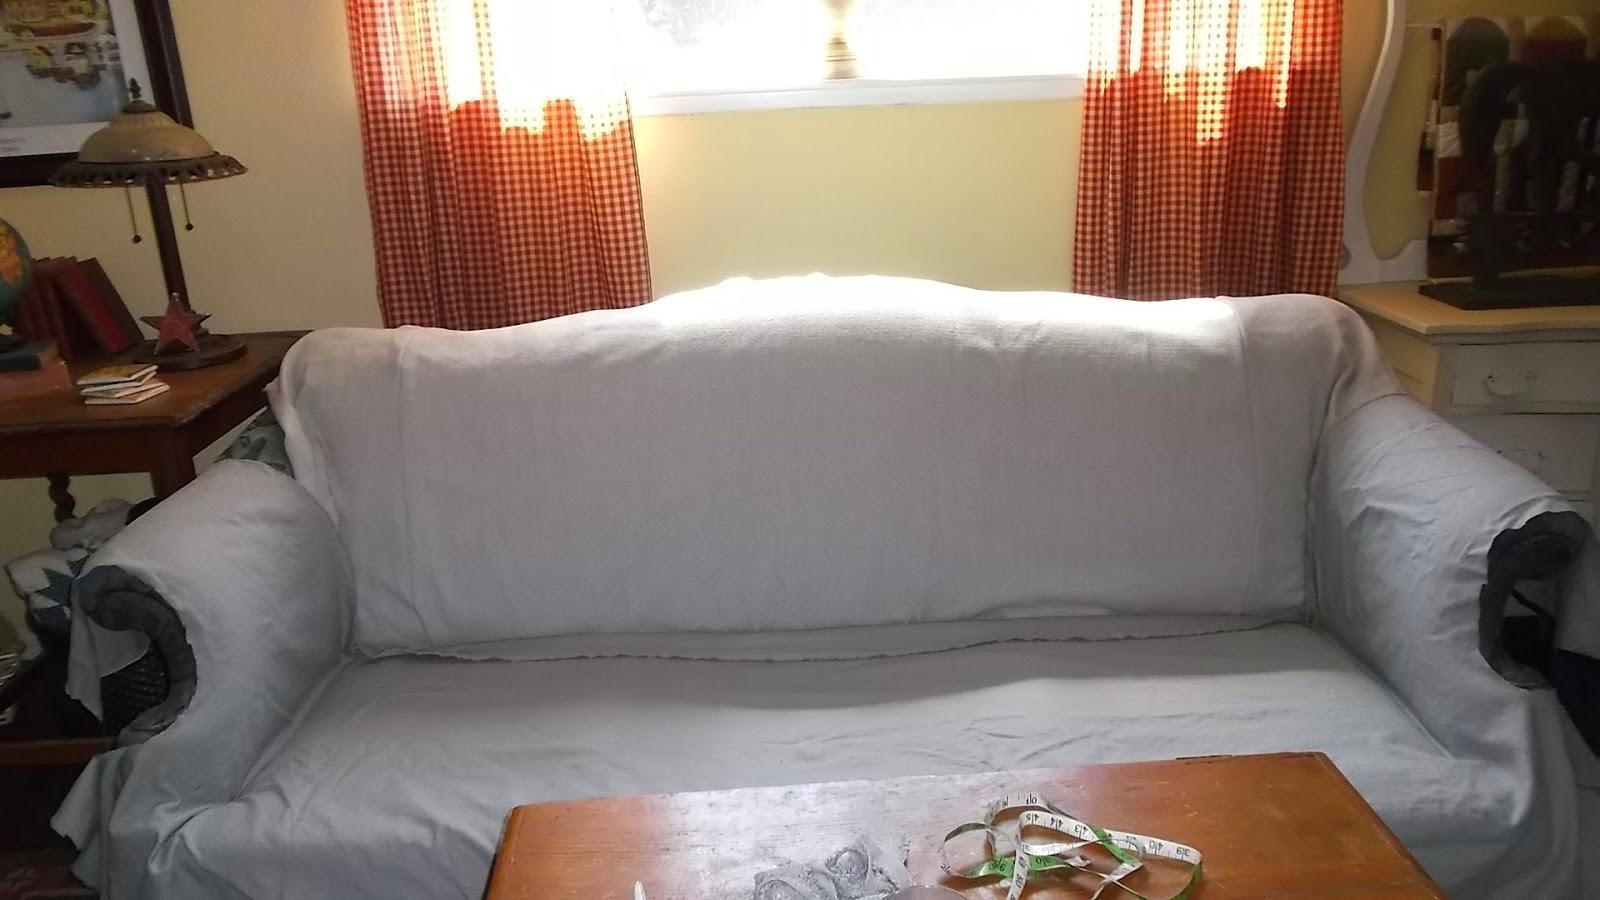 Living A Cottage Life: Camel Back Sofa Slipcover Within Camel Back Sofa Slipcovers (Image 16 of 20)